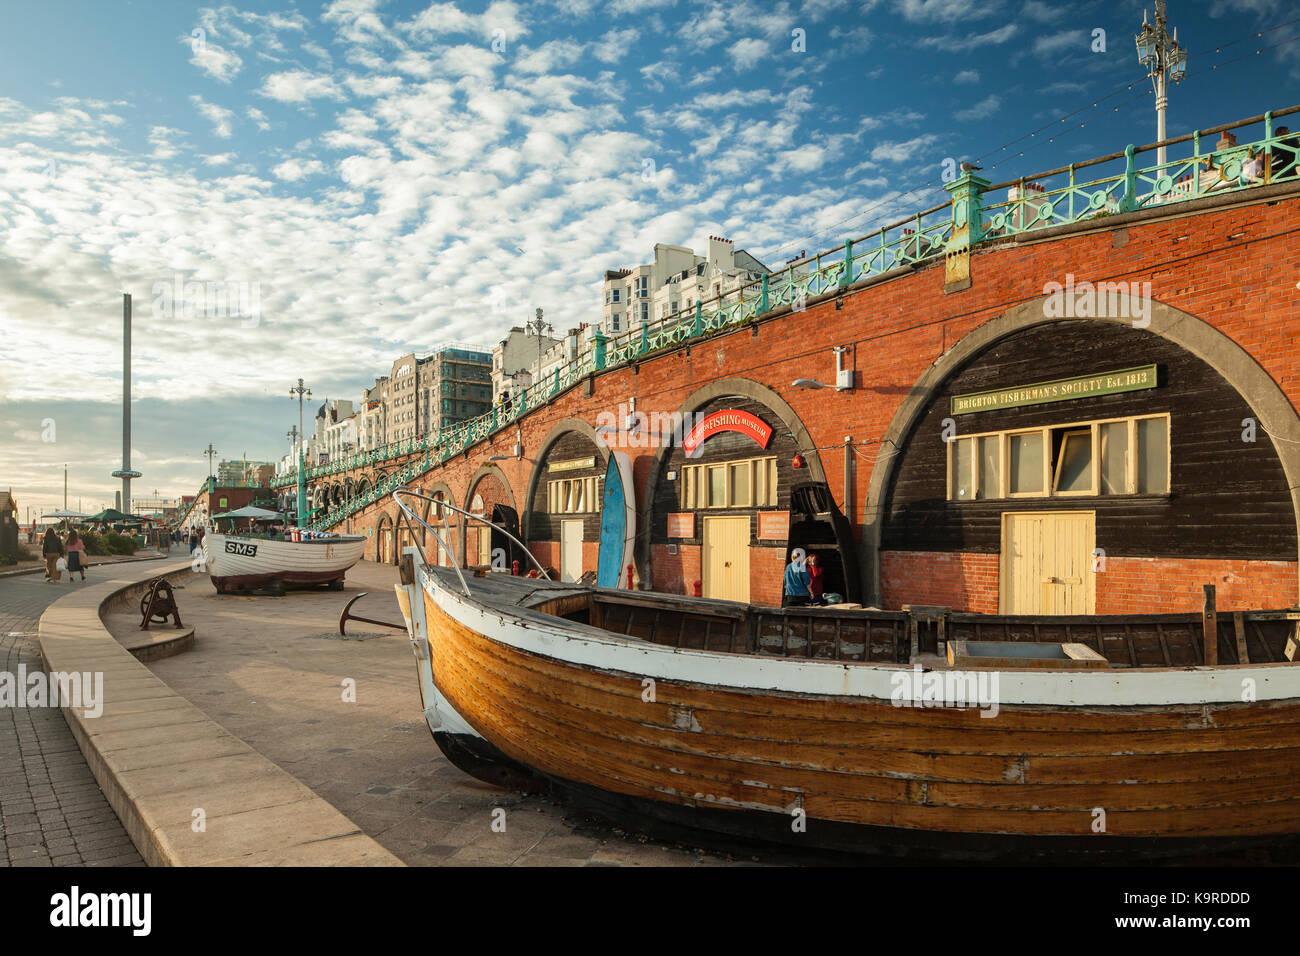 Spätsommer Nachmittag im Fischerei Museum direkt an der Meeresküste von Brighton, East Sussex, England. Stockbild